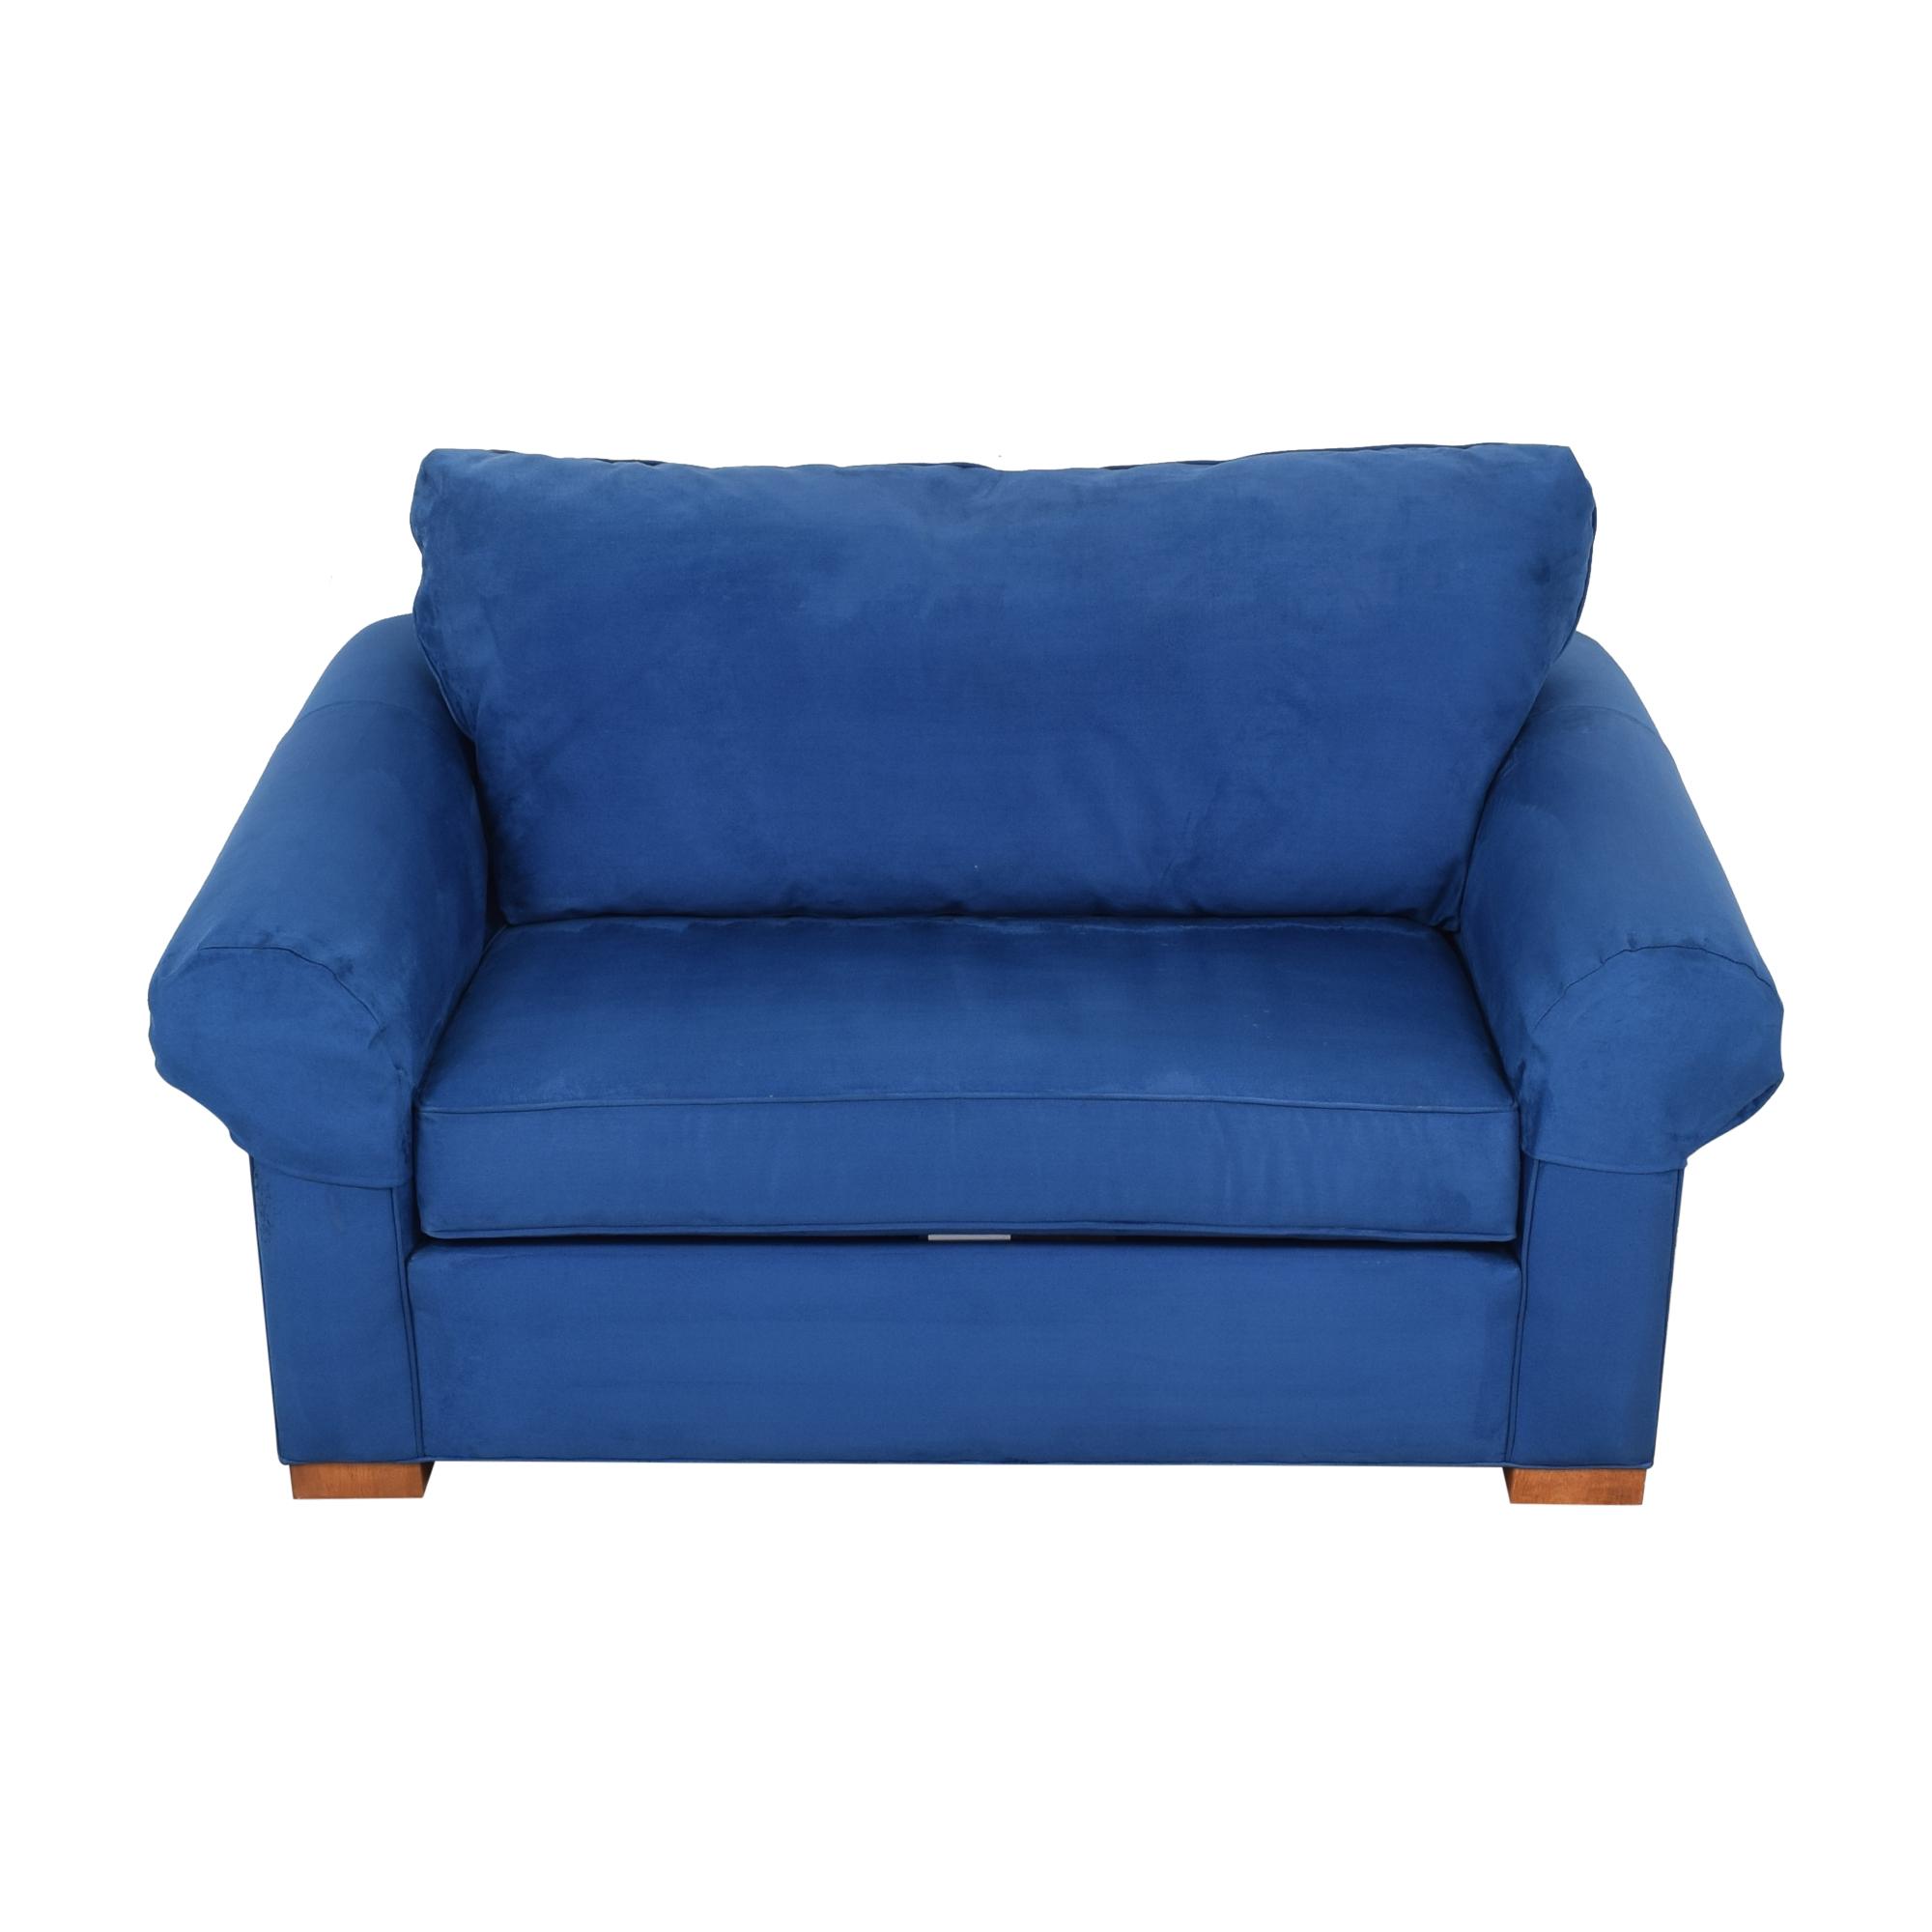 shop Ethan Allen Ethan Allen Twin Sleeper Marina Chair with Ottoman online